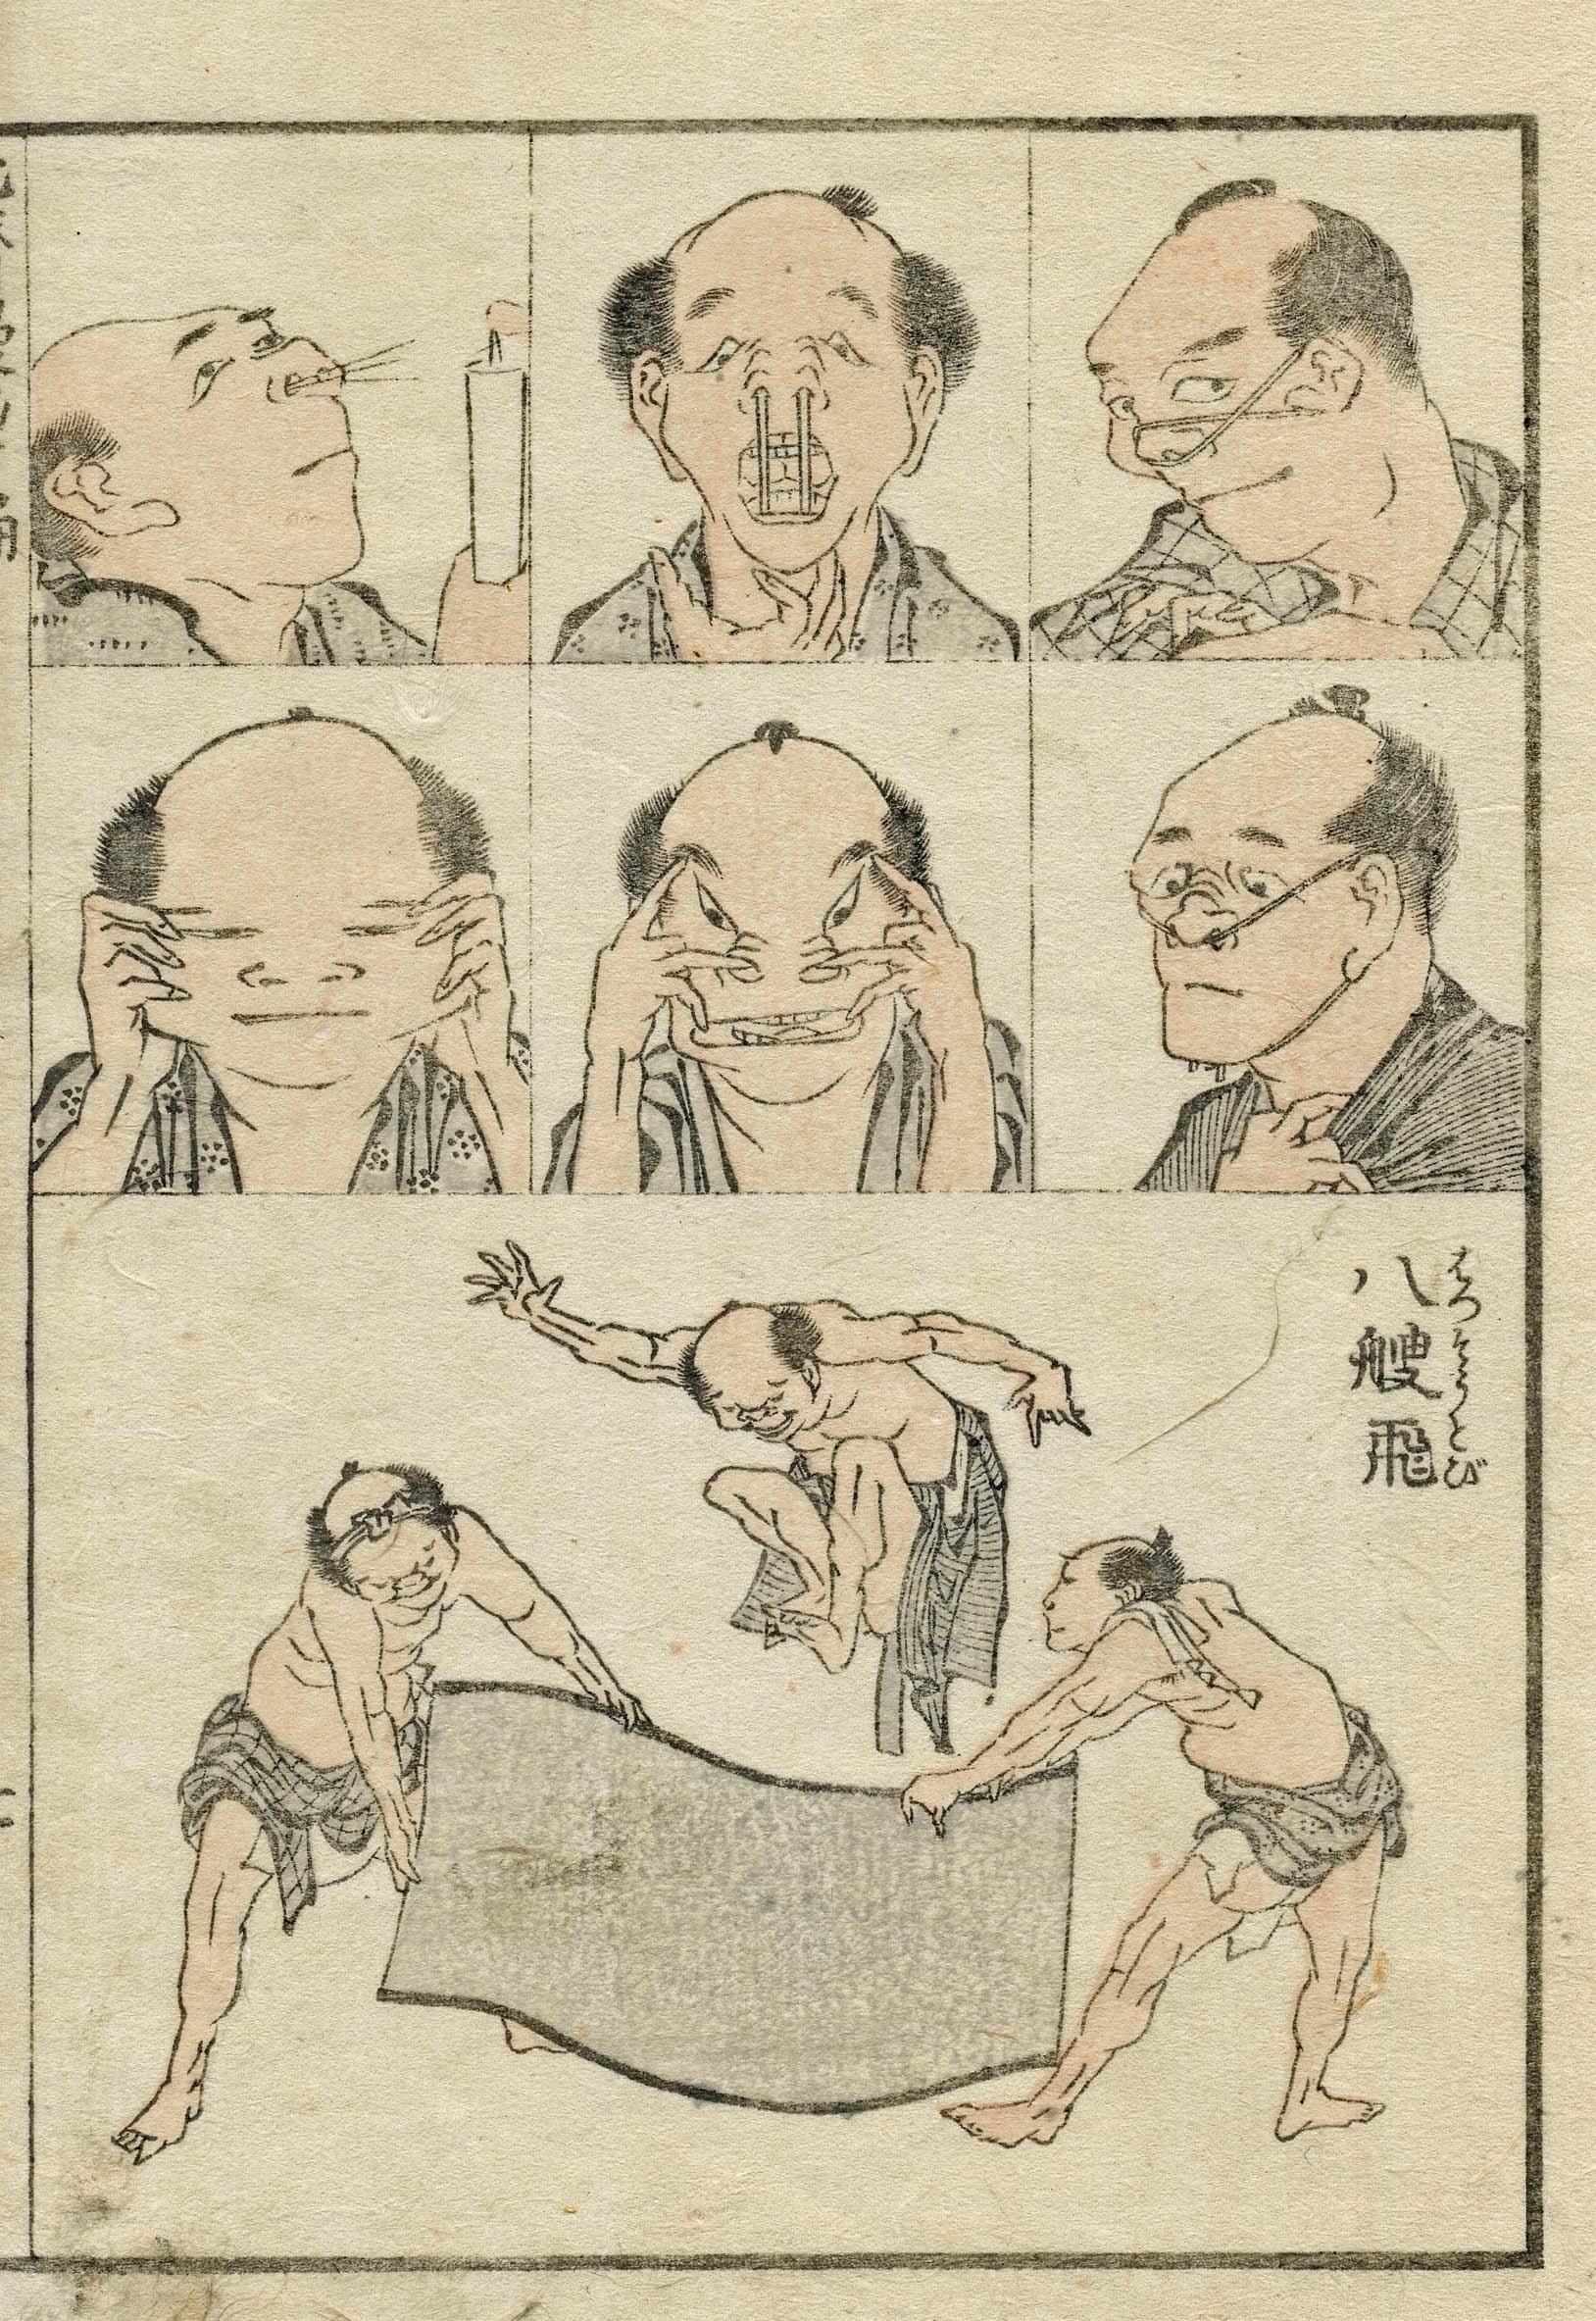 """مانجا """"سكيتشات هوكوساي 北斎漫画"""" - المصدر ukiyoe-ota-muse.jp"""